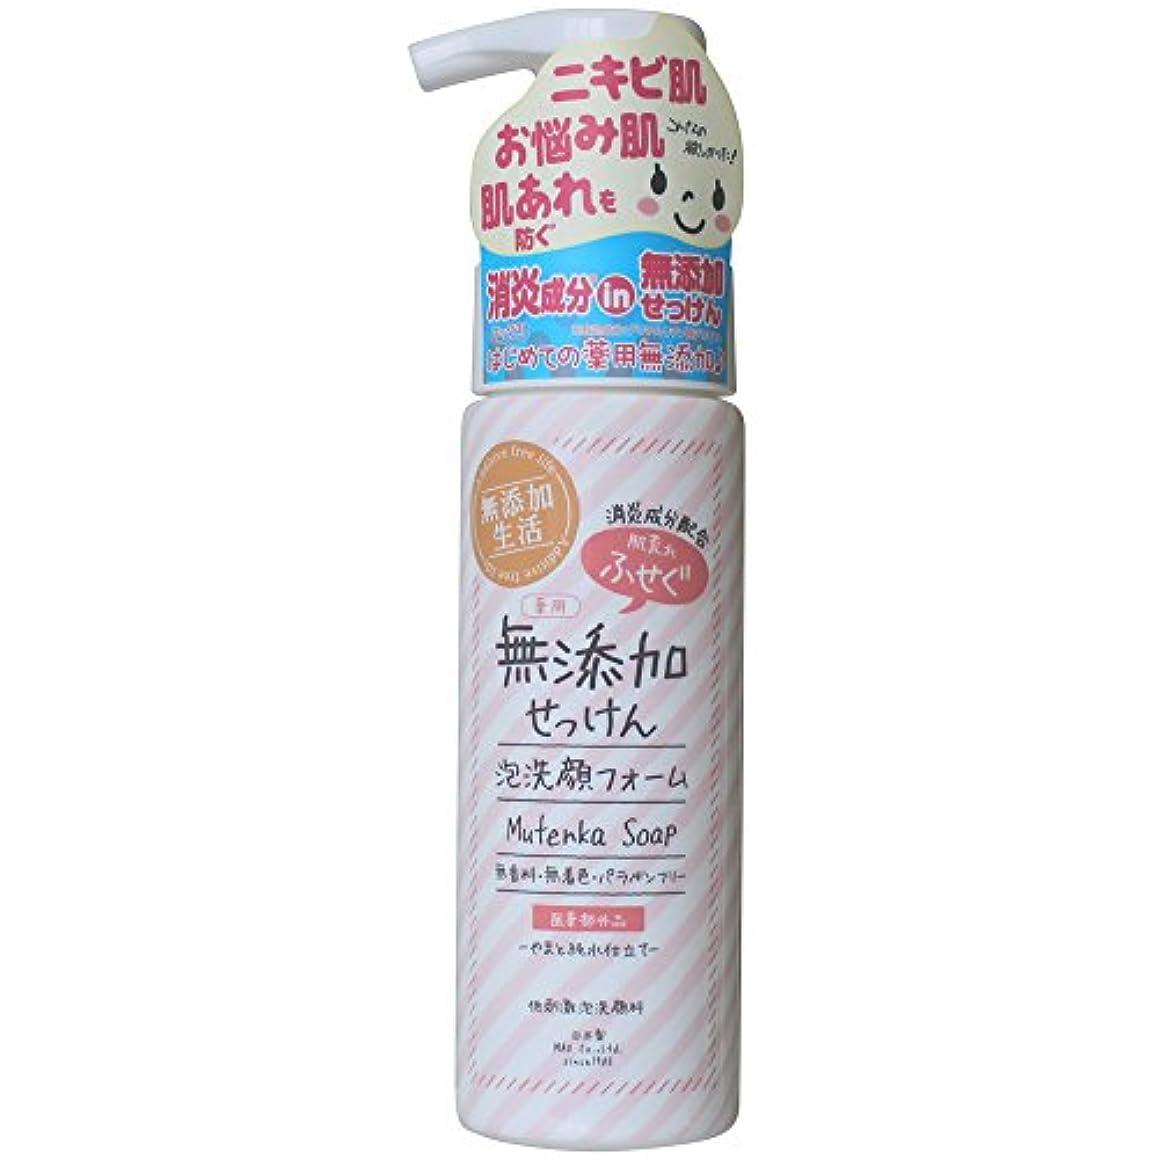 ナイロン安全なメンテナンス肌荒れ防ぐ薬用無添加 洗顔フォーム 200mL